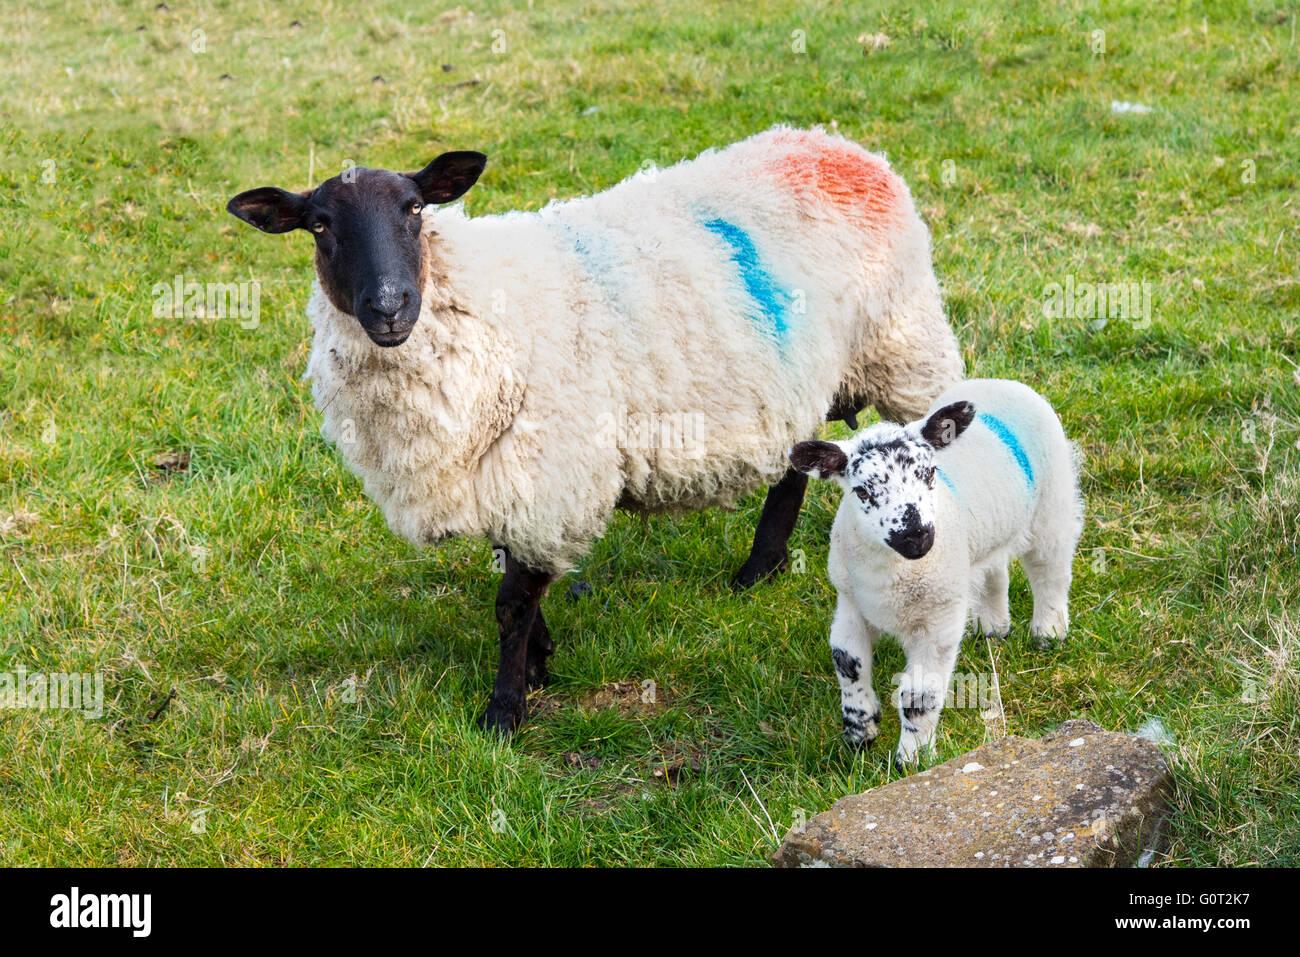 Ewe with lamb, Co. Antrim, Northern Ireland. - Stock Image